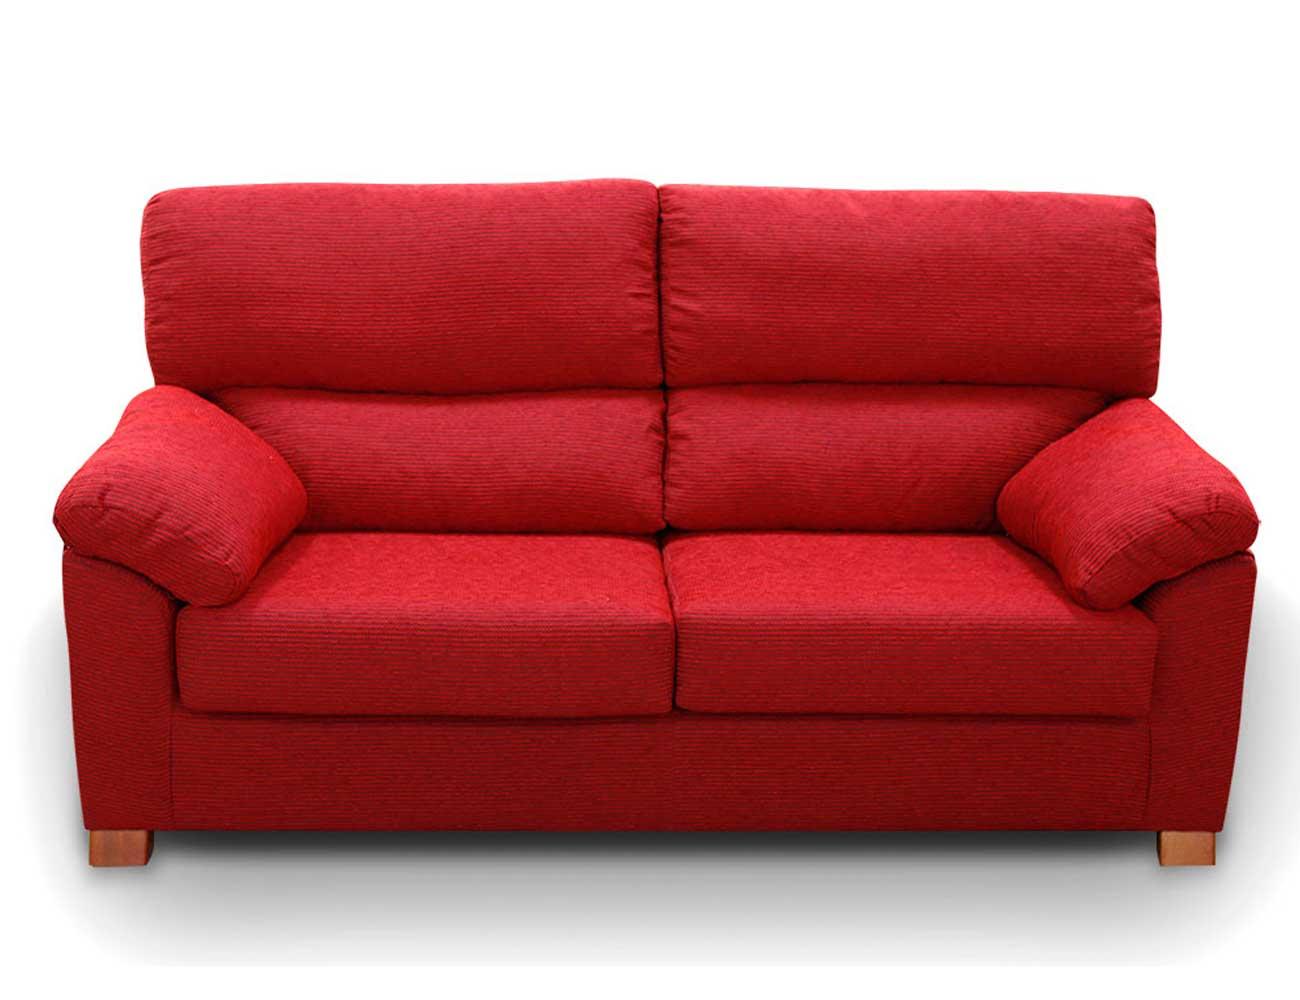 Sofa barato 3 plazas rojo2